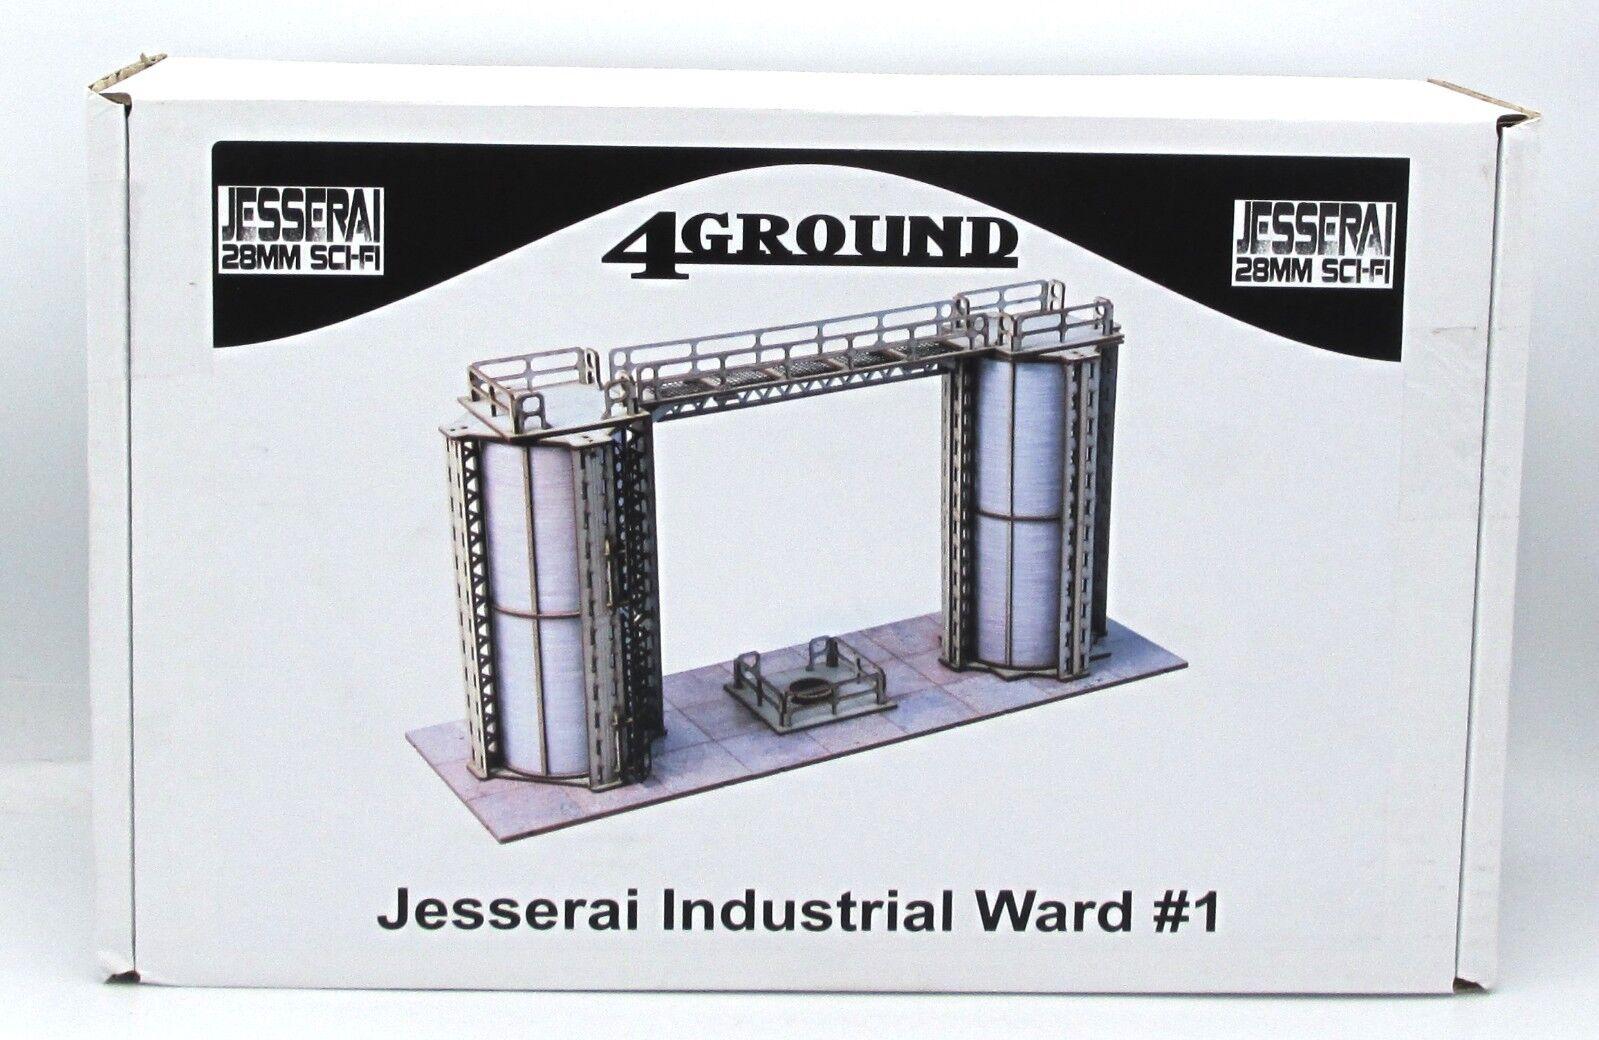 4ground 28s-jes-110 jesserai industriellen ward   1 (keine magnete) 28 mm sci - fi - gelände